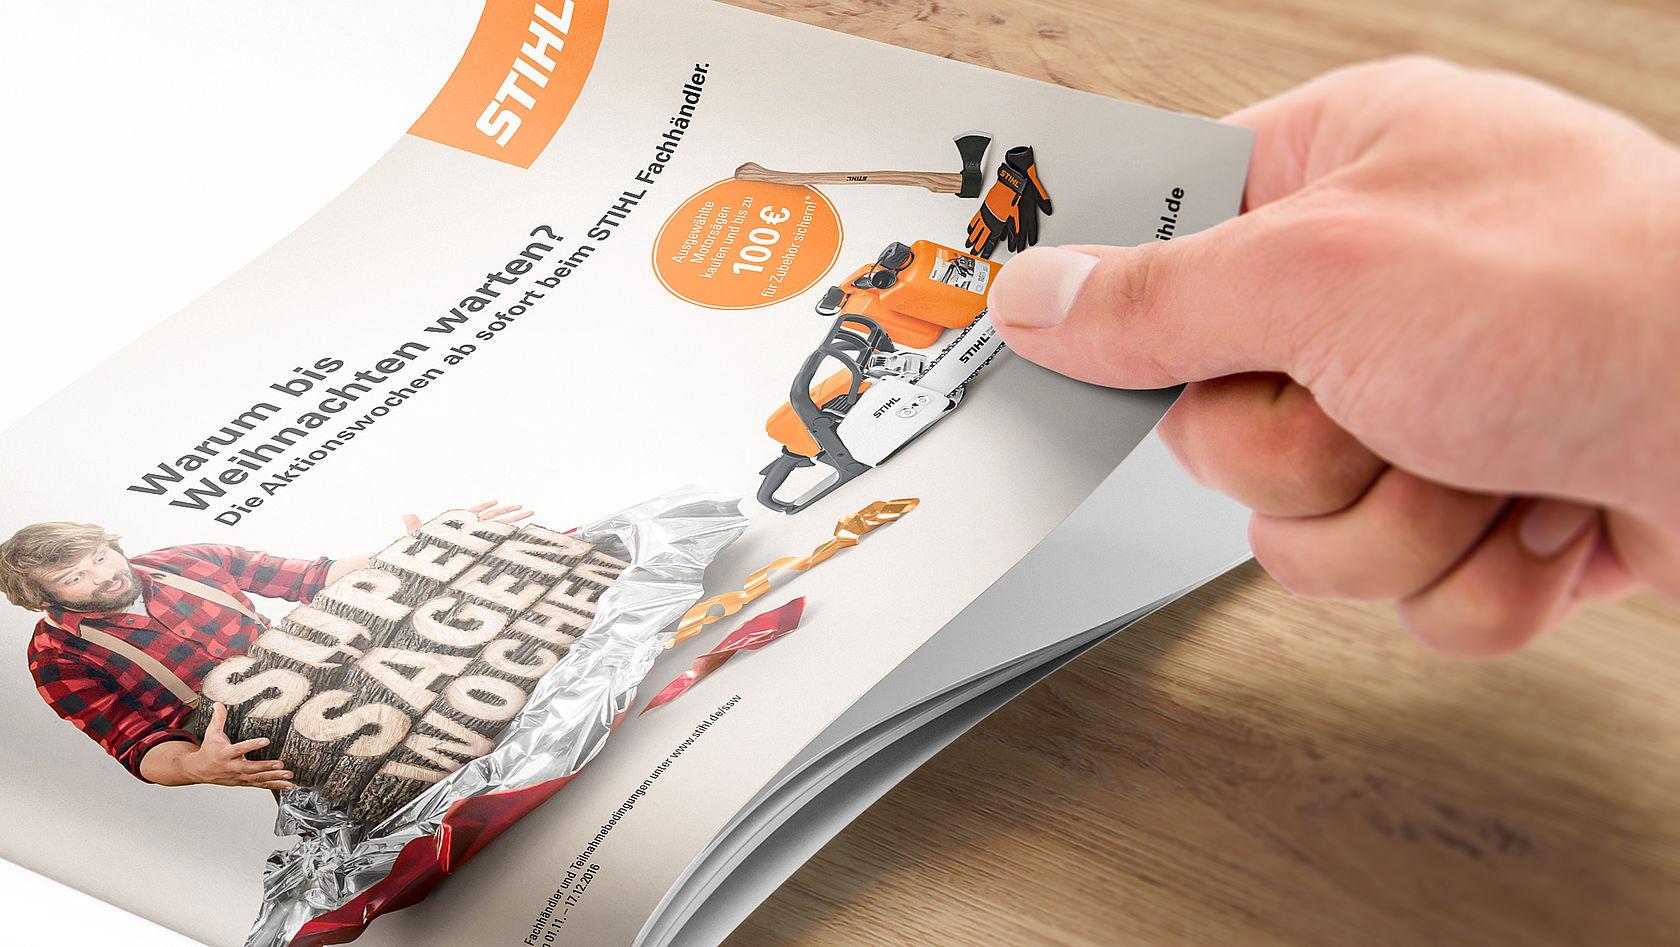 kommunikationskampagne für motorsägen | bloom